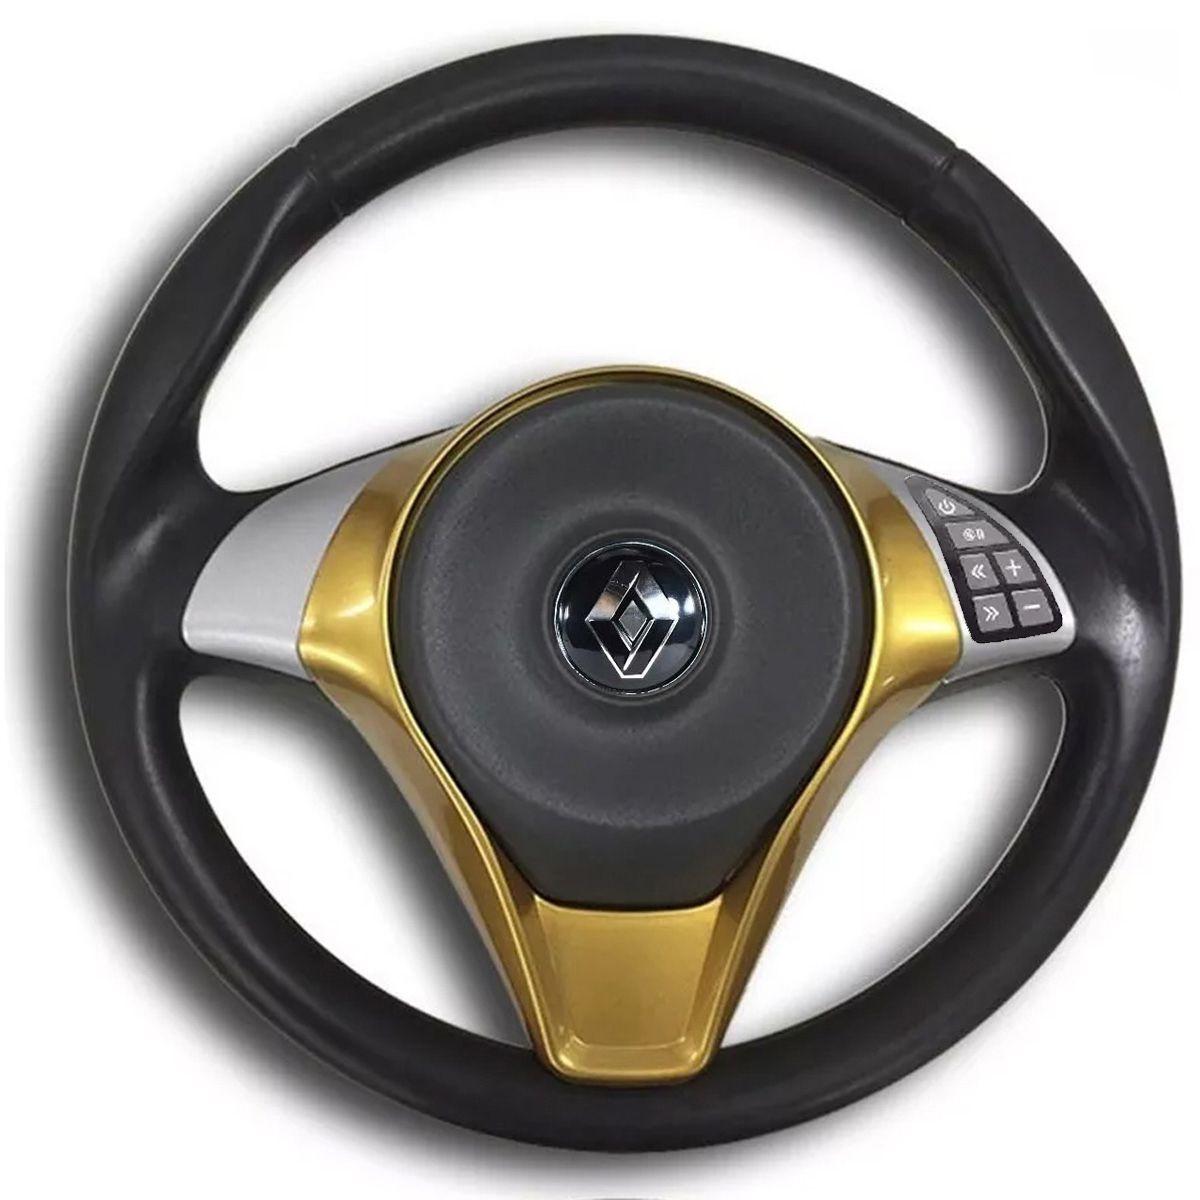 Volante Multifuncional Palio Sporting Renault Clio Logan Sandero Automotivo com Tampa Acionador de Buzina + Cubo